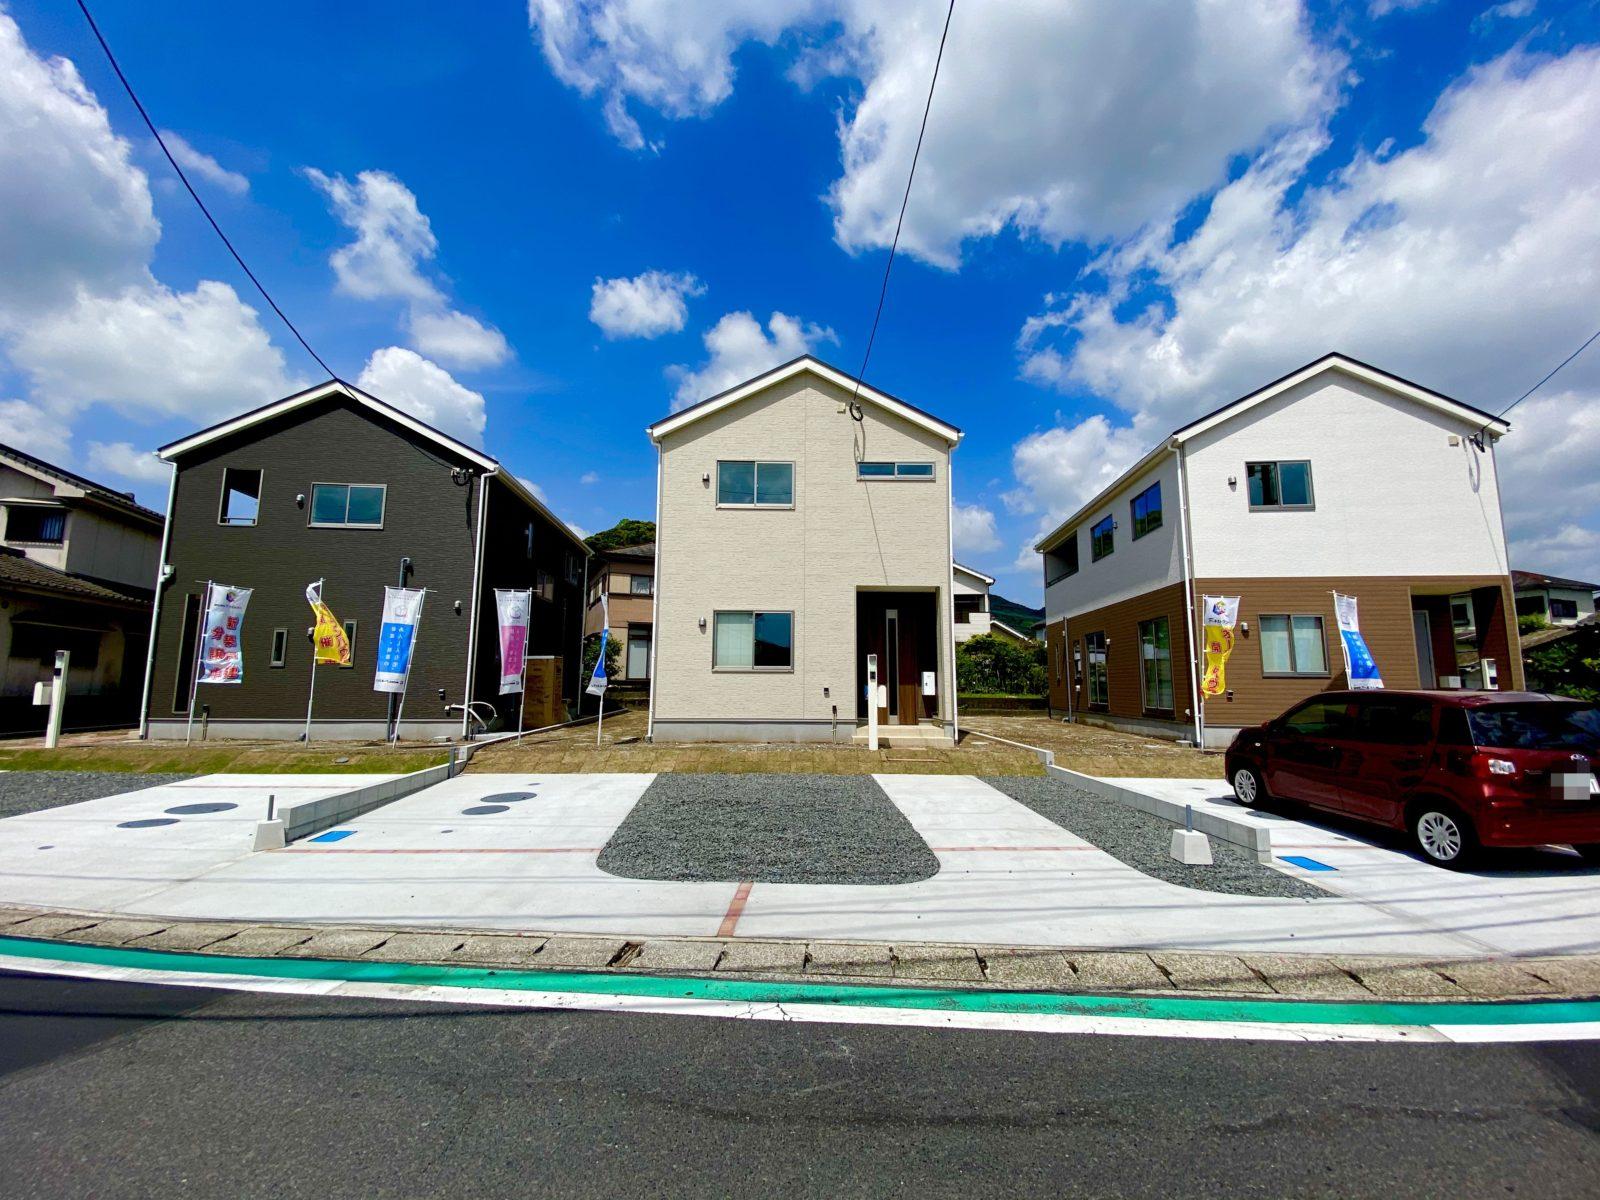 鹿児島市中山町にて3棟同時オープンハウス